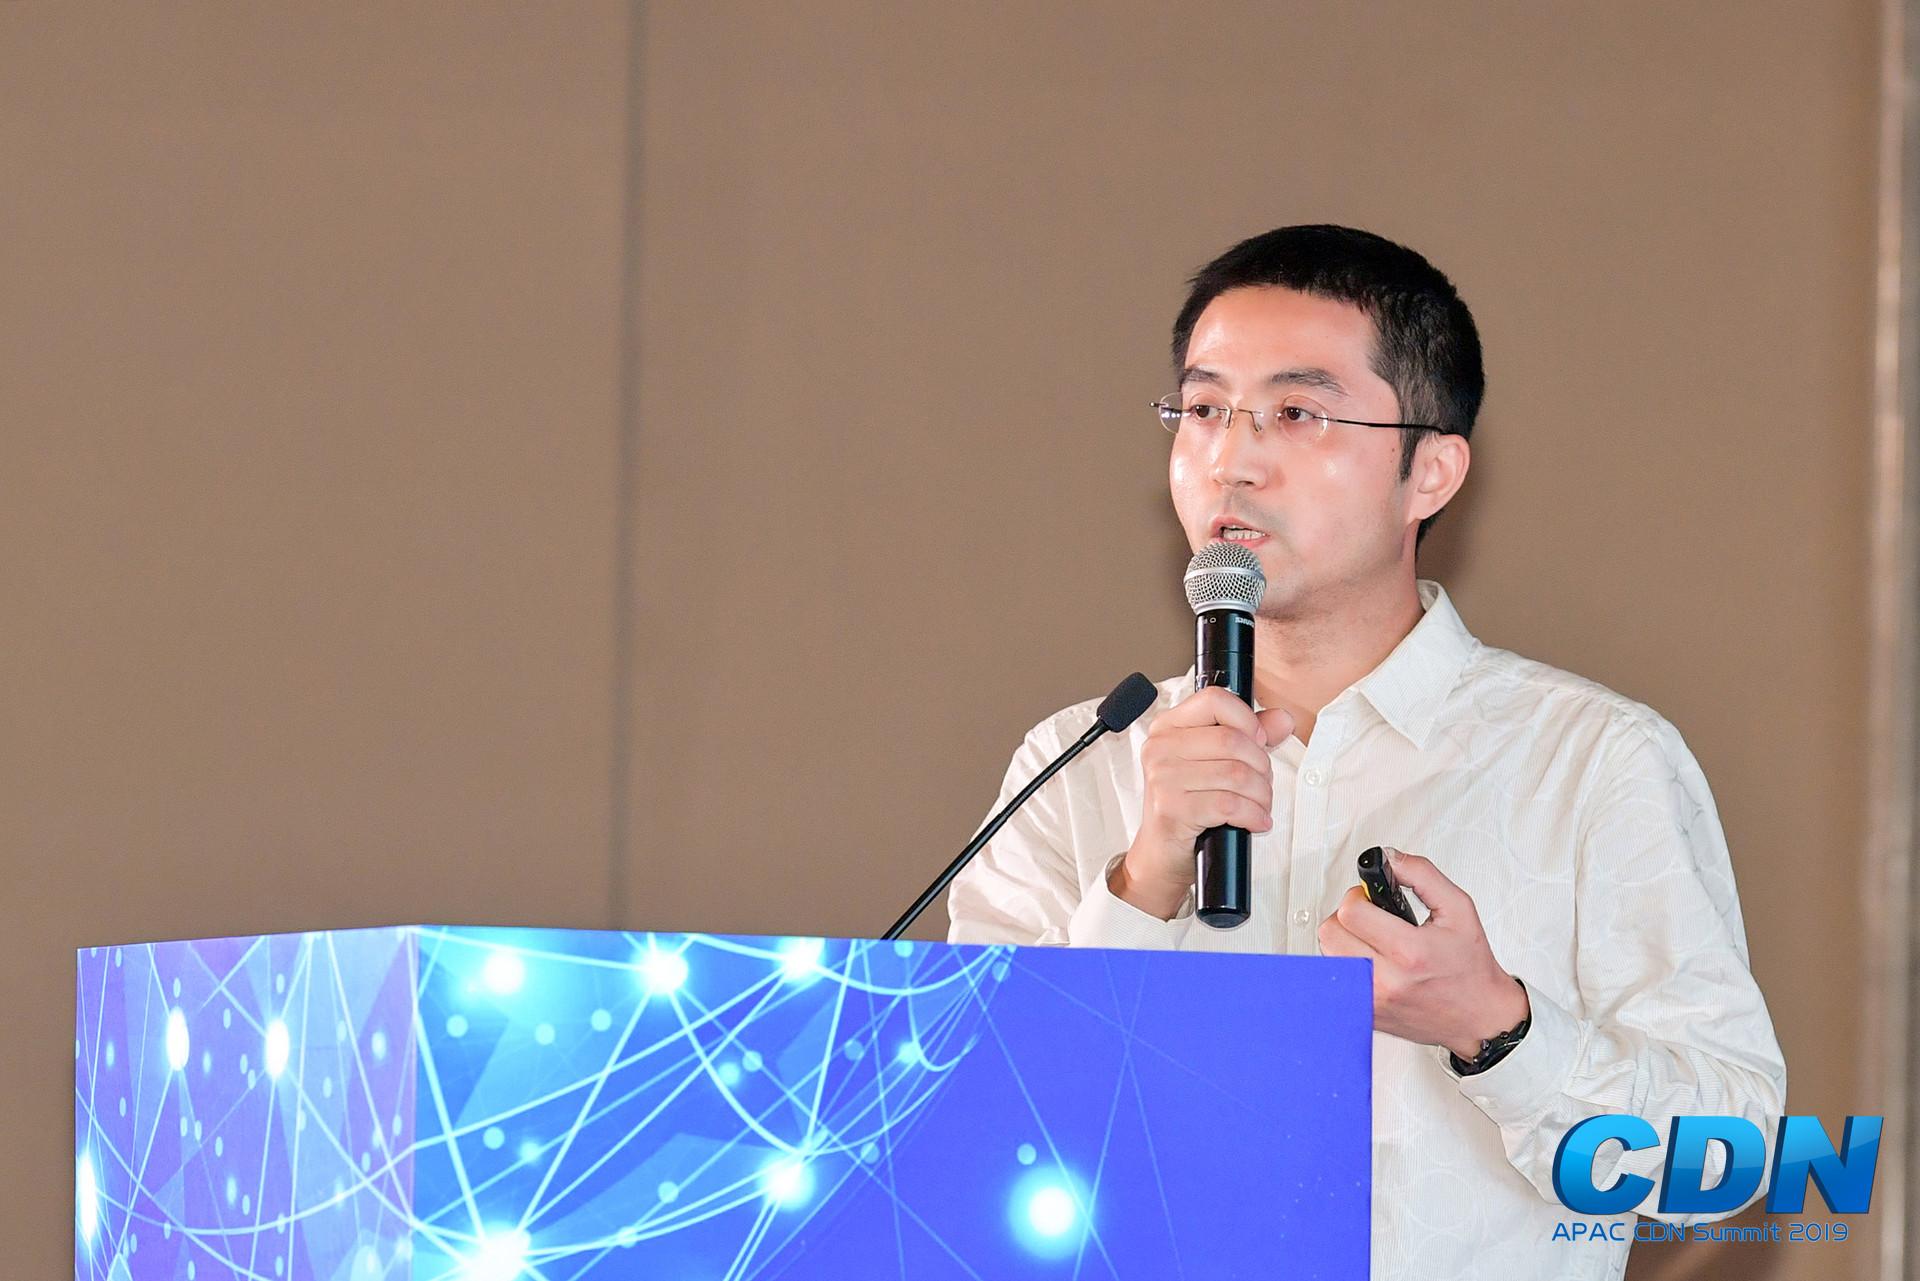 中国移动韩瑞波:SDN将为电信网络架构带来根本性改变